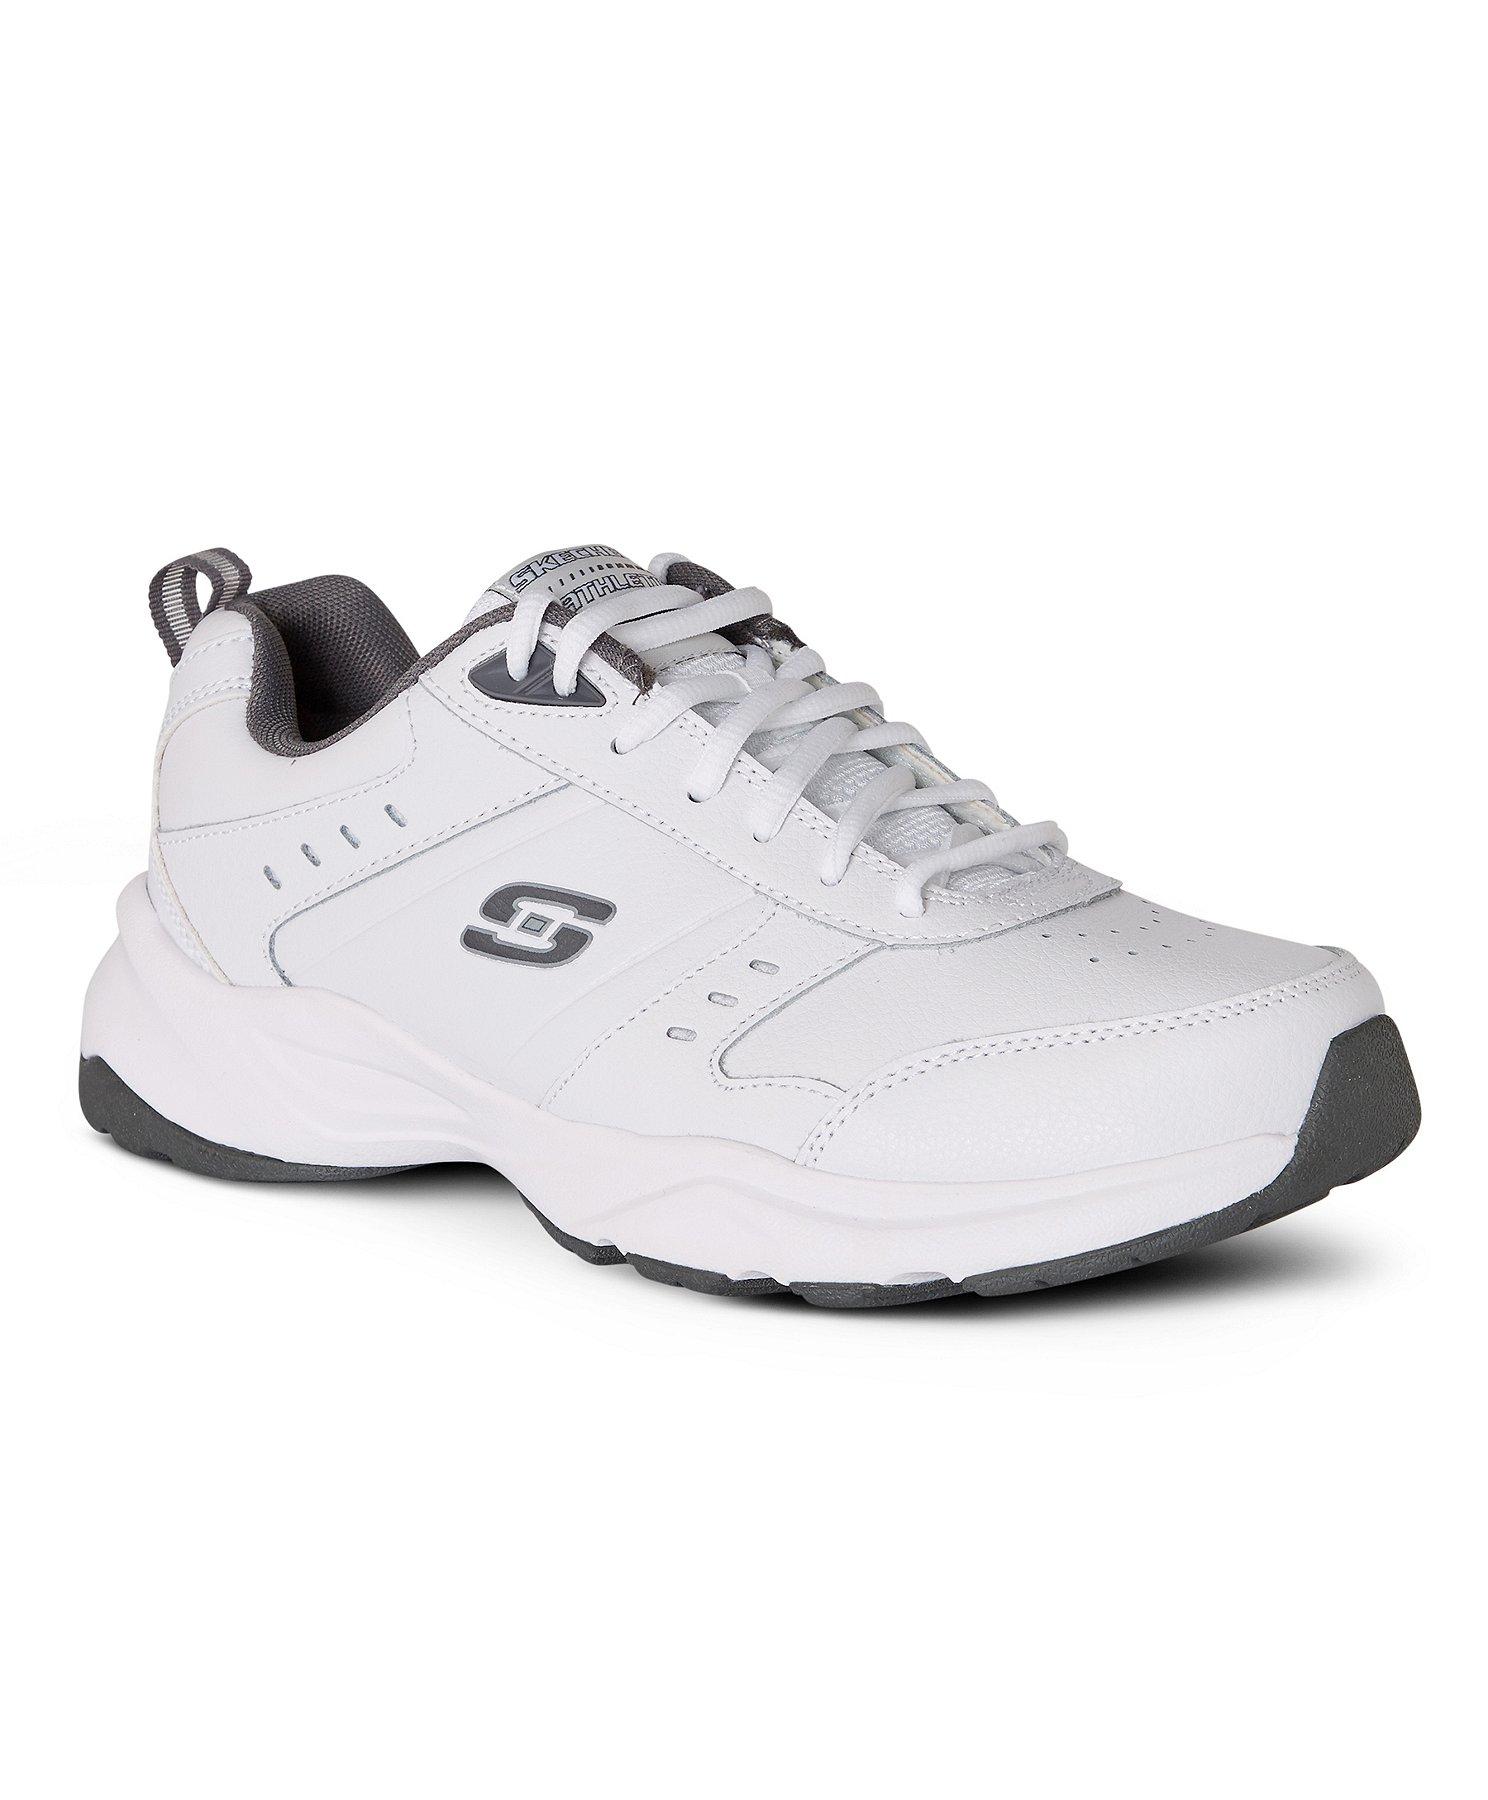 pescado Esencialmente humor  Men's Haniger Sneakers - Wide 2E   Mark's